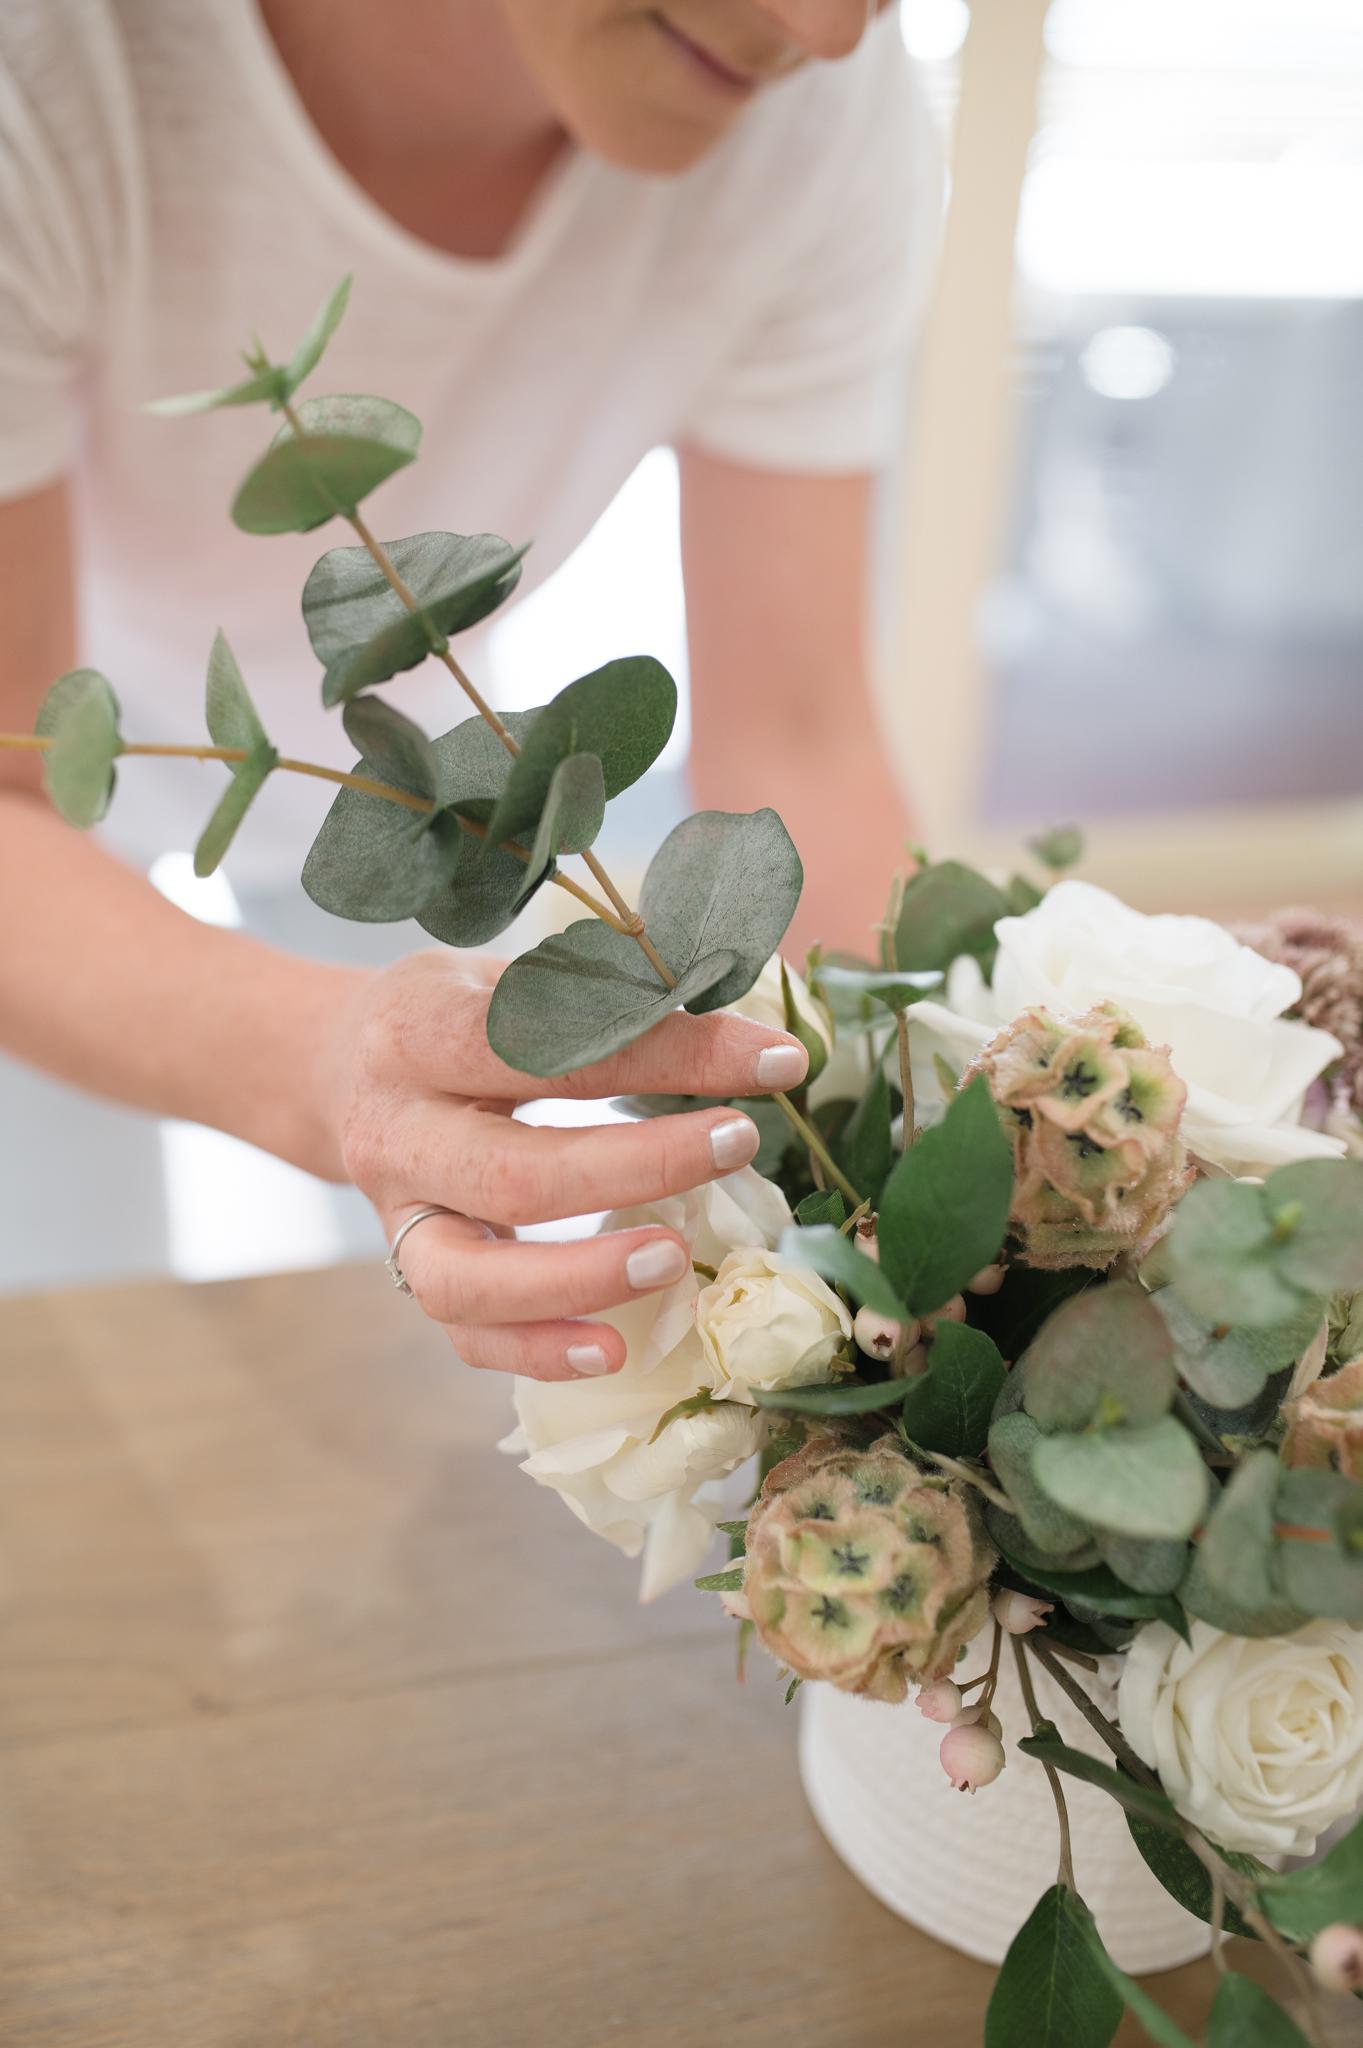 Artificial-Flowers-Custom-Made